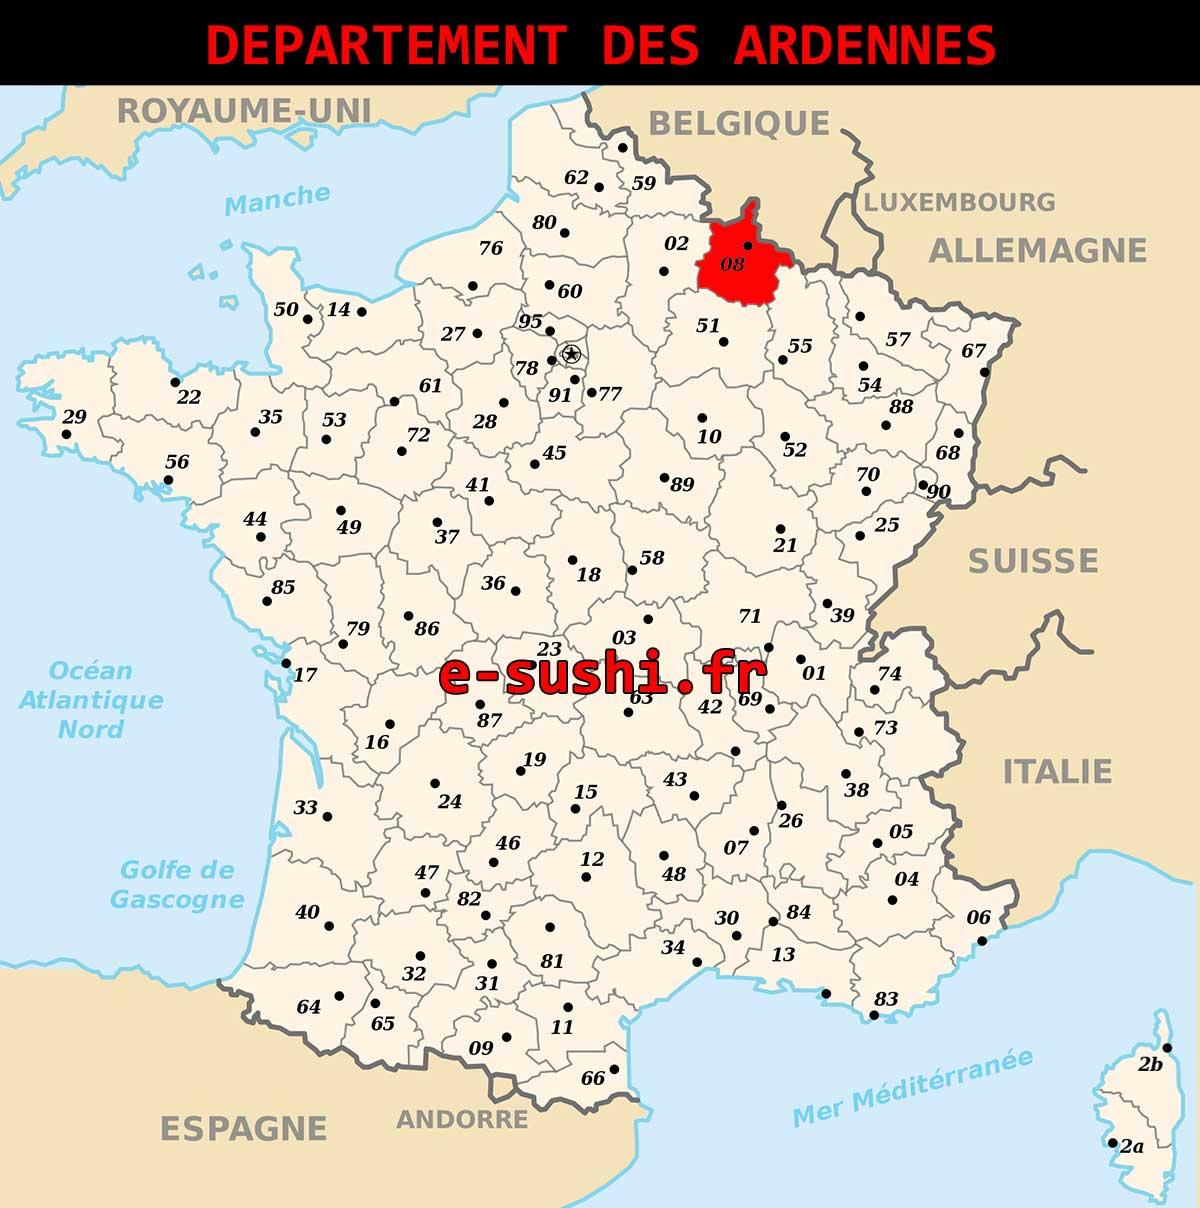 Département des Ardennes – 08